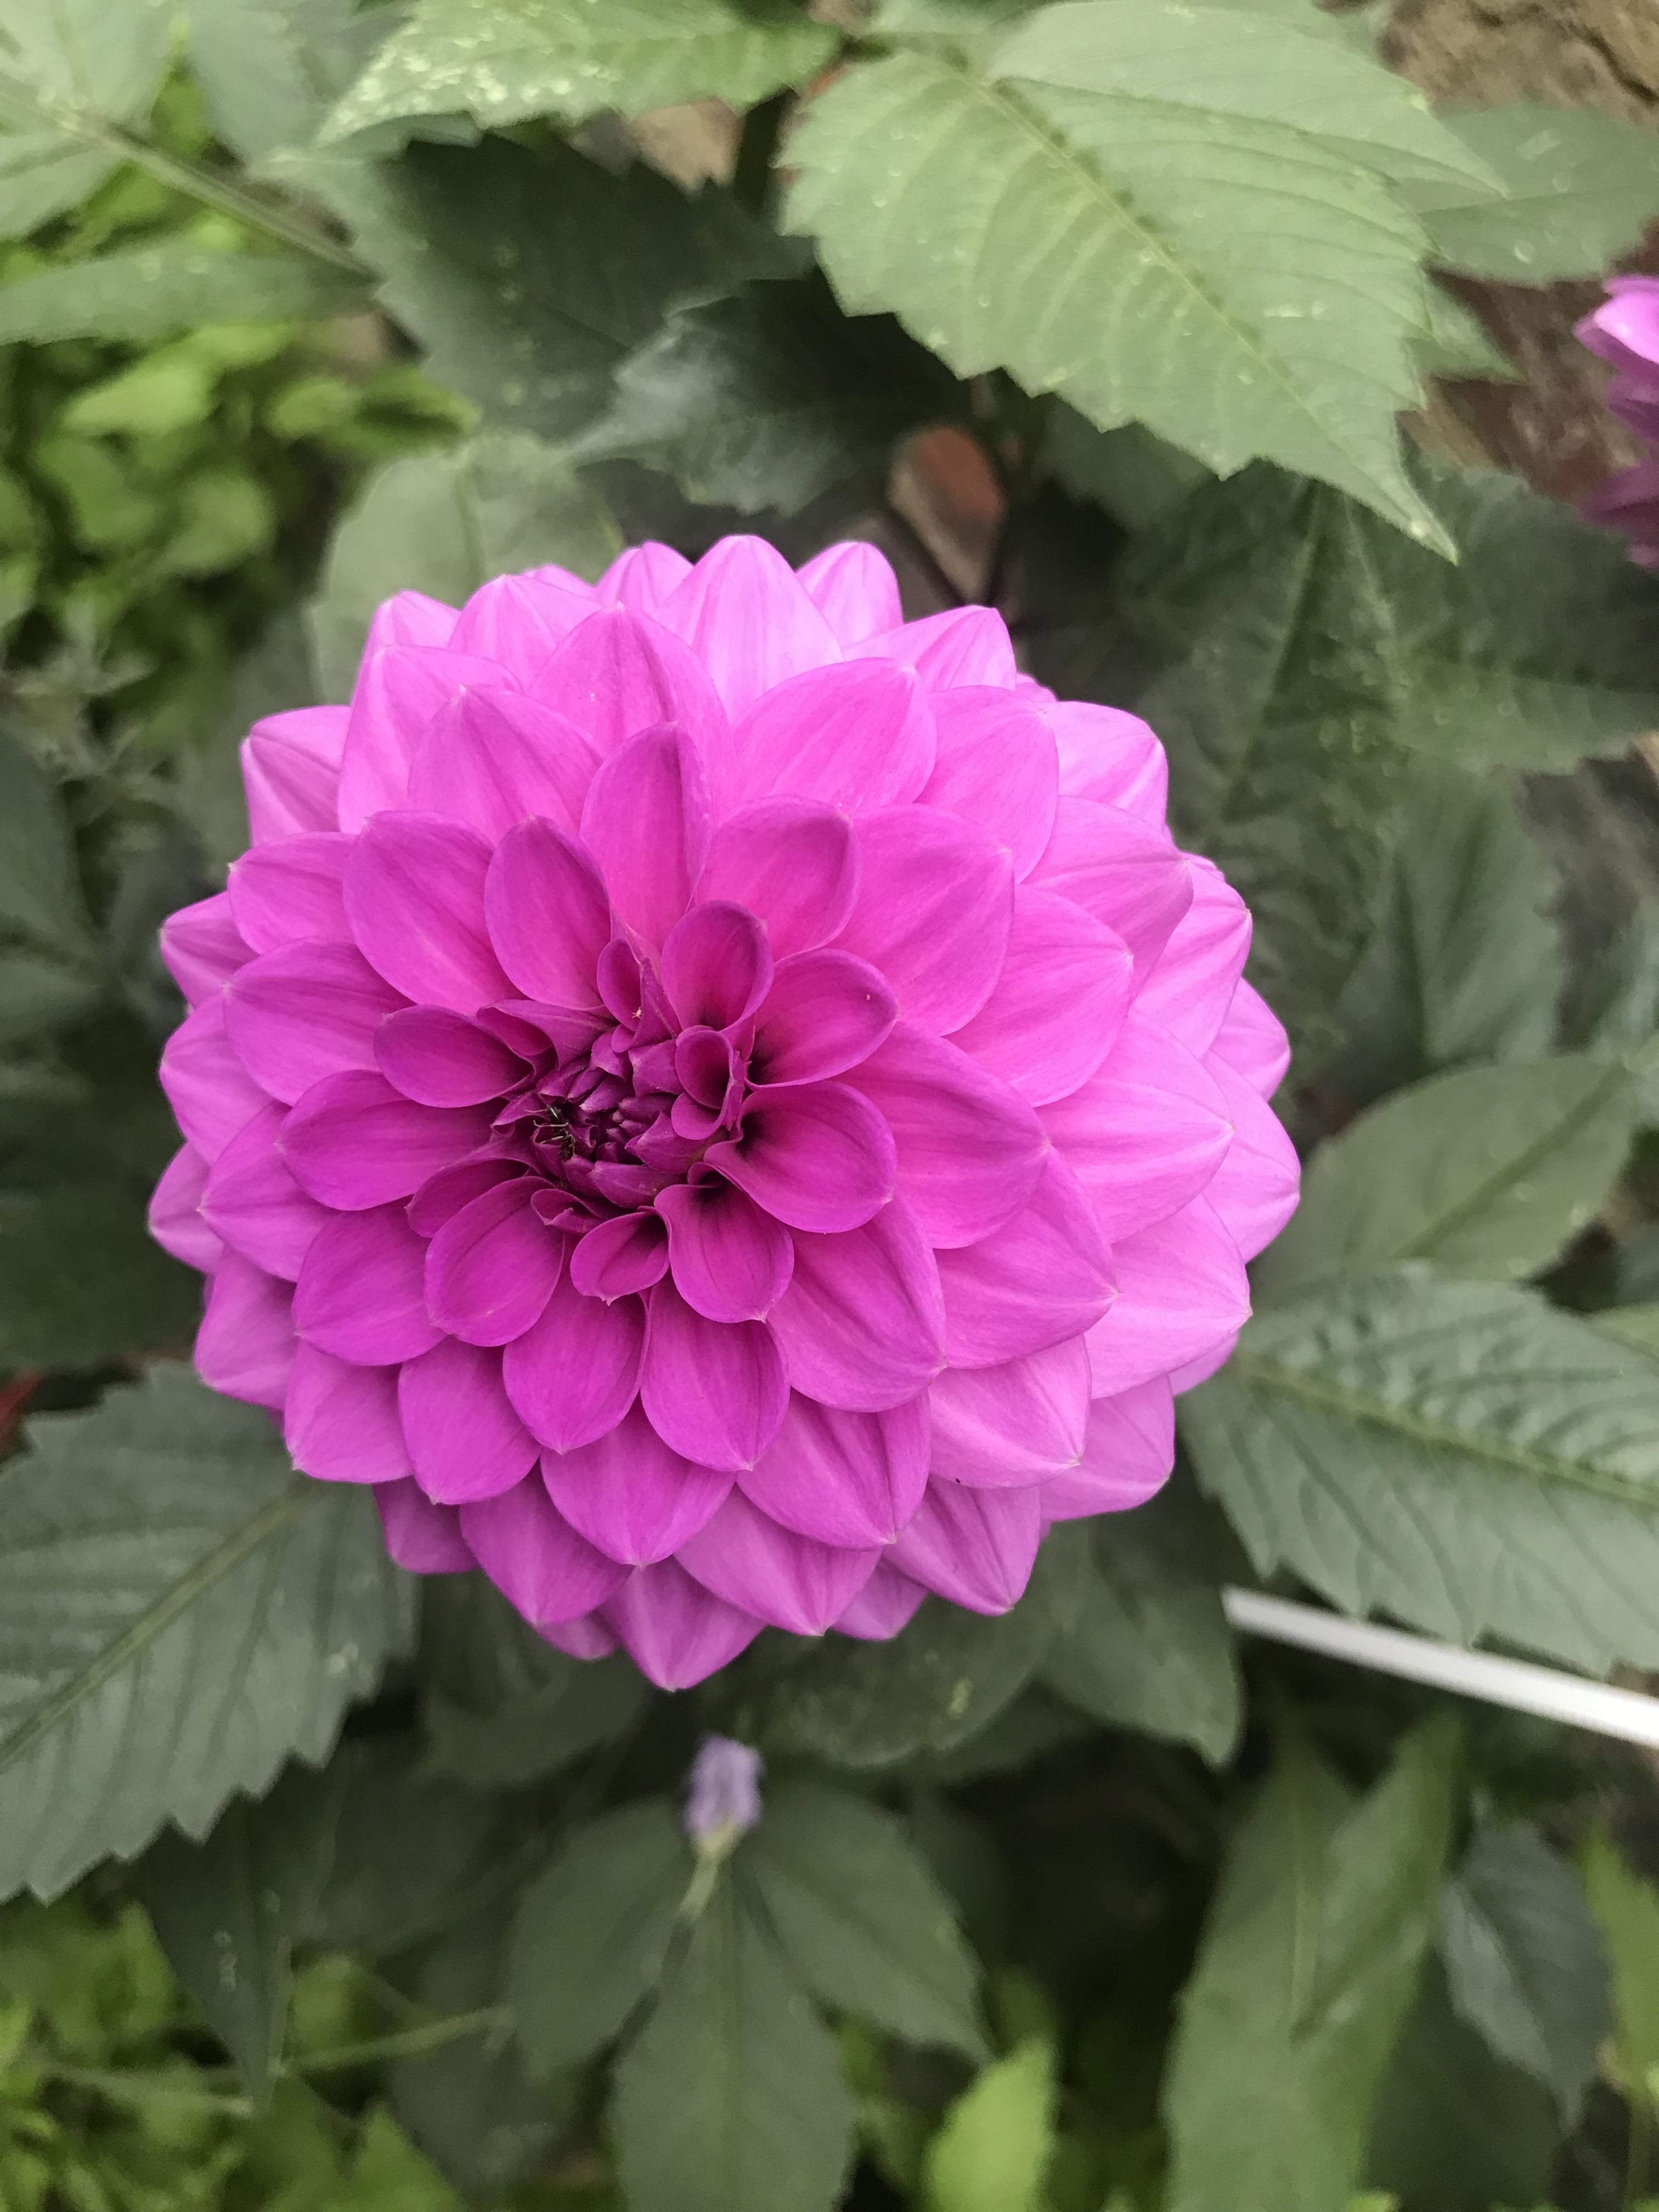 fiore-cortile-lubecca-schleswig-holstein-germania